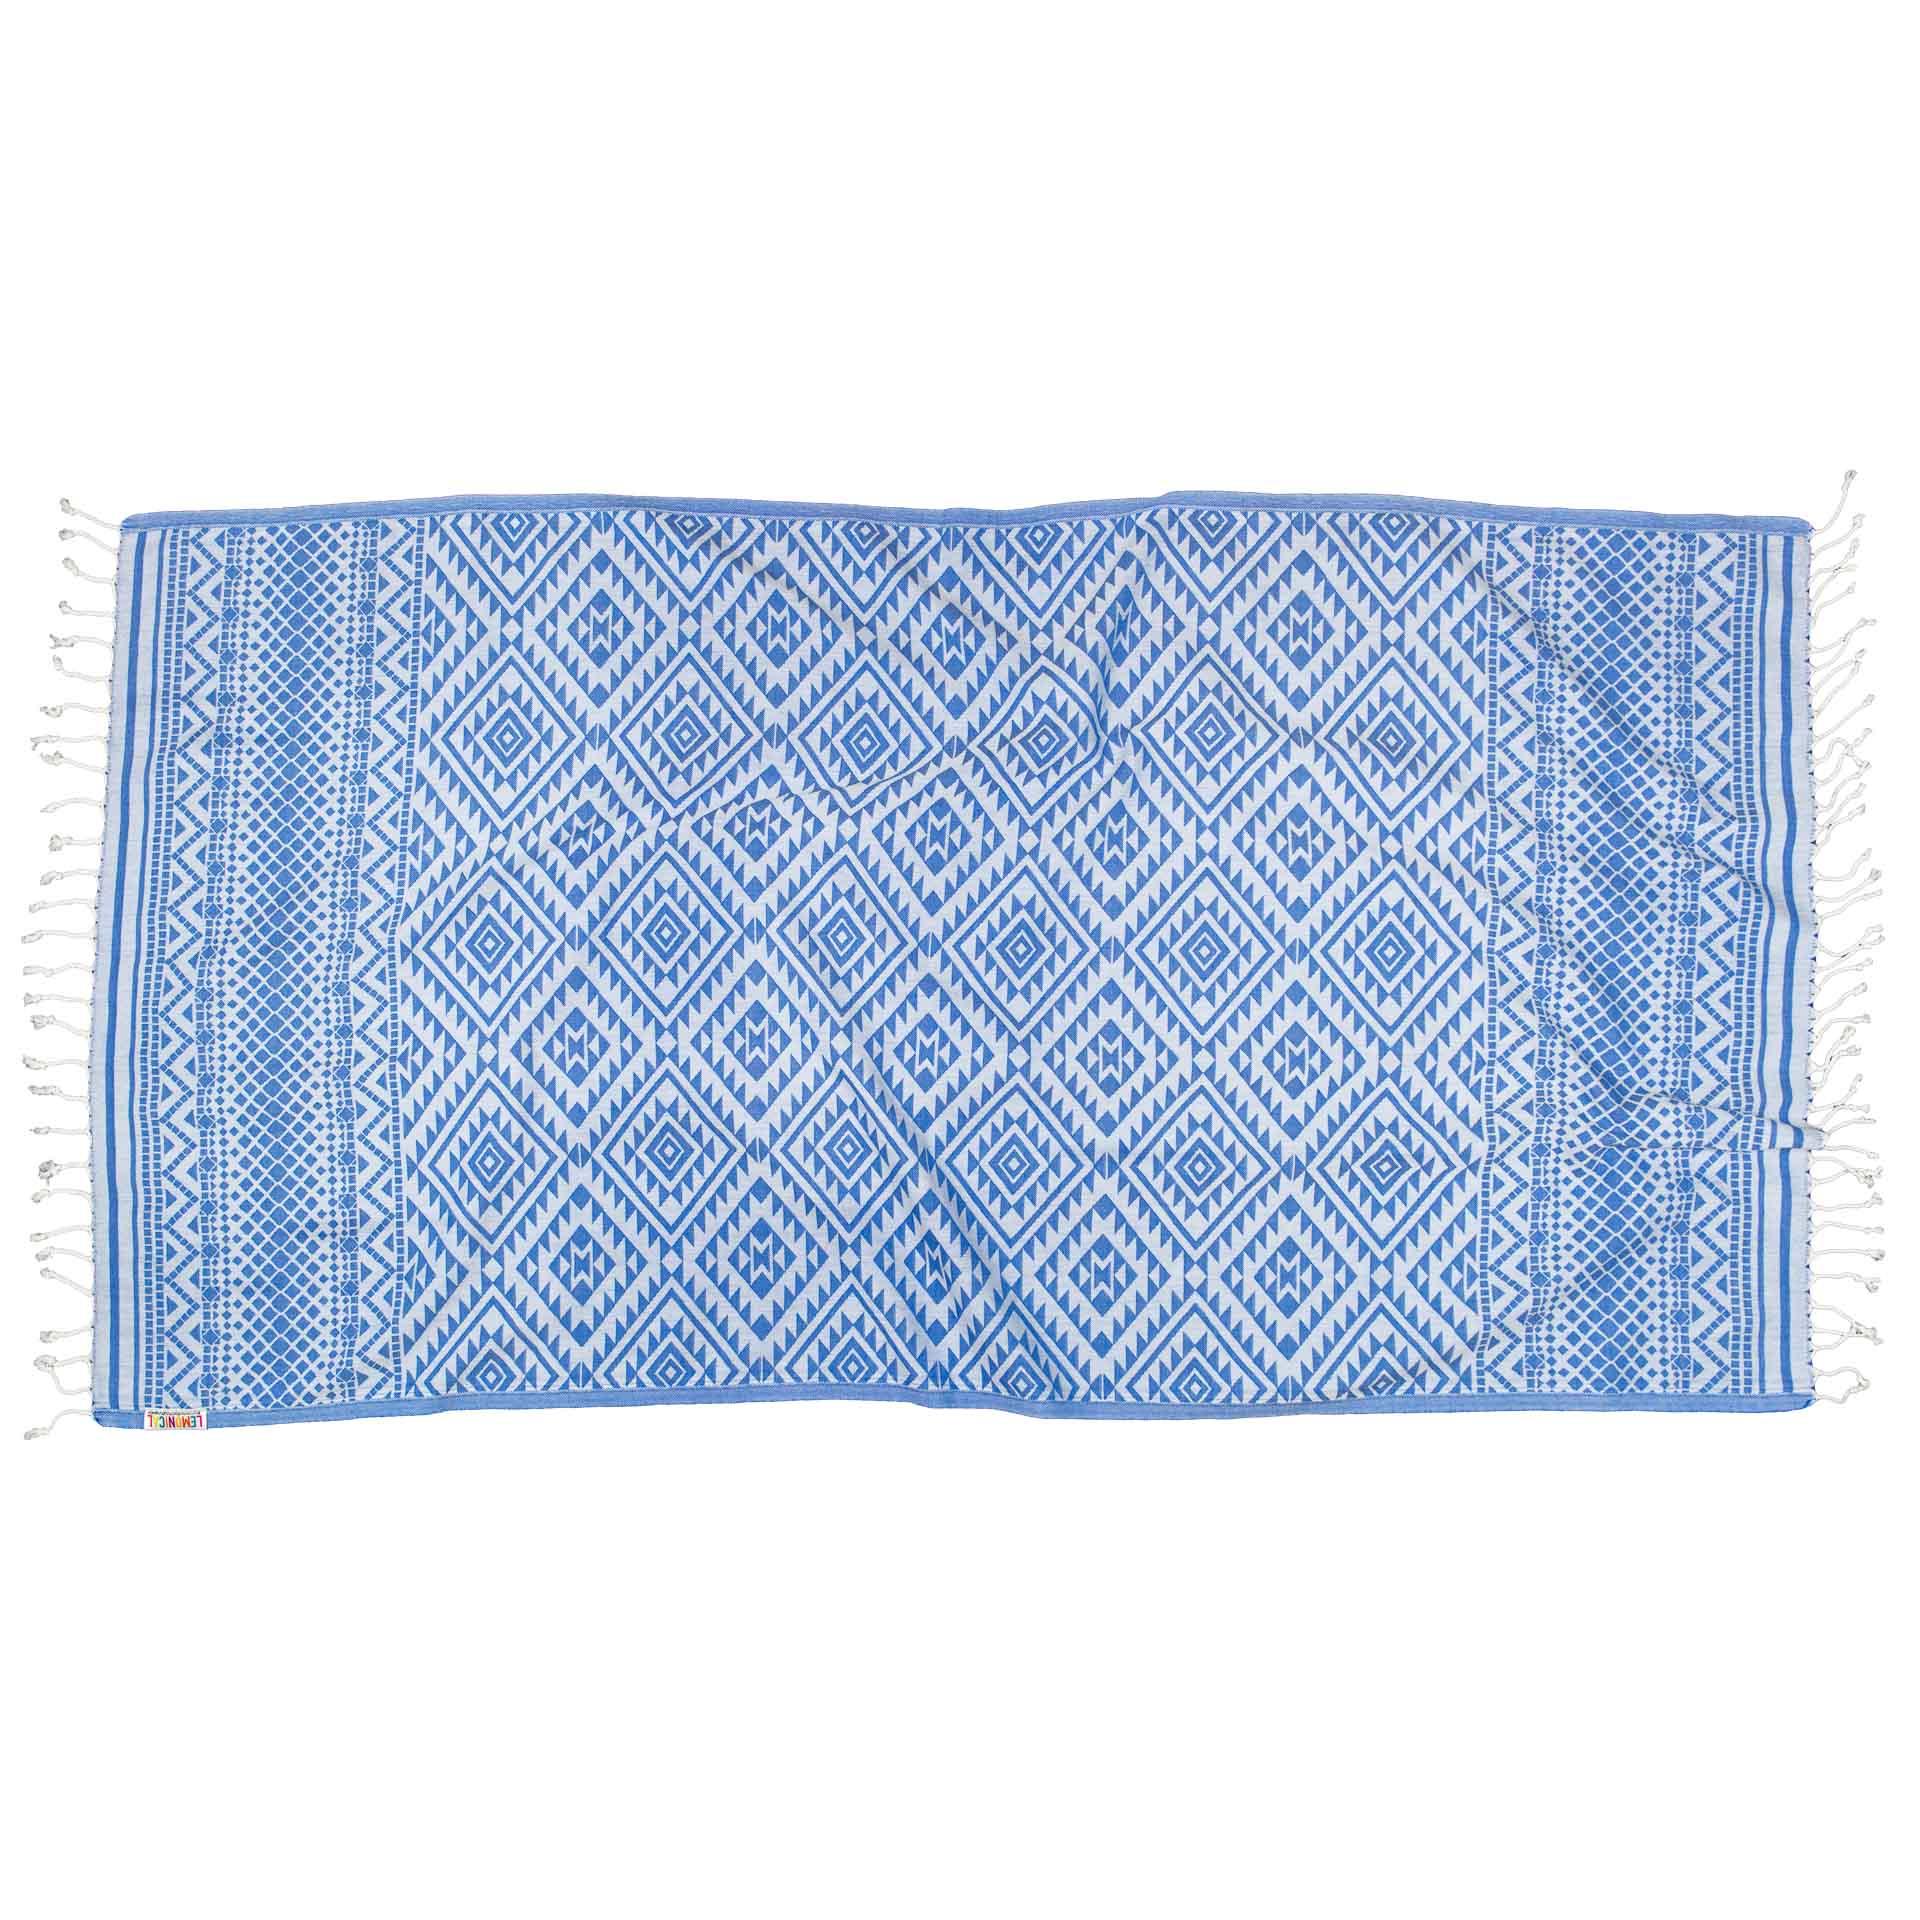 BLUE-ORIENT-Towel-Lemonical-2